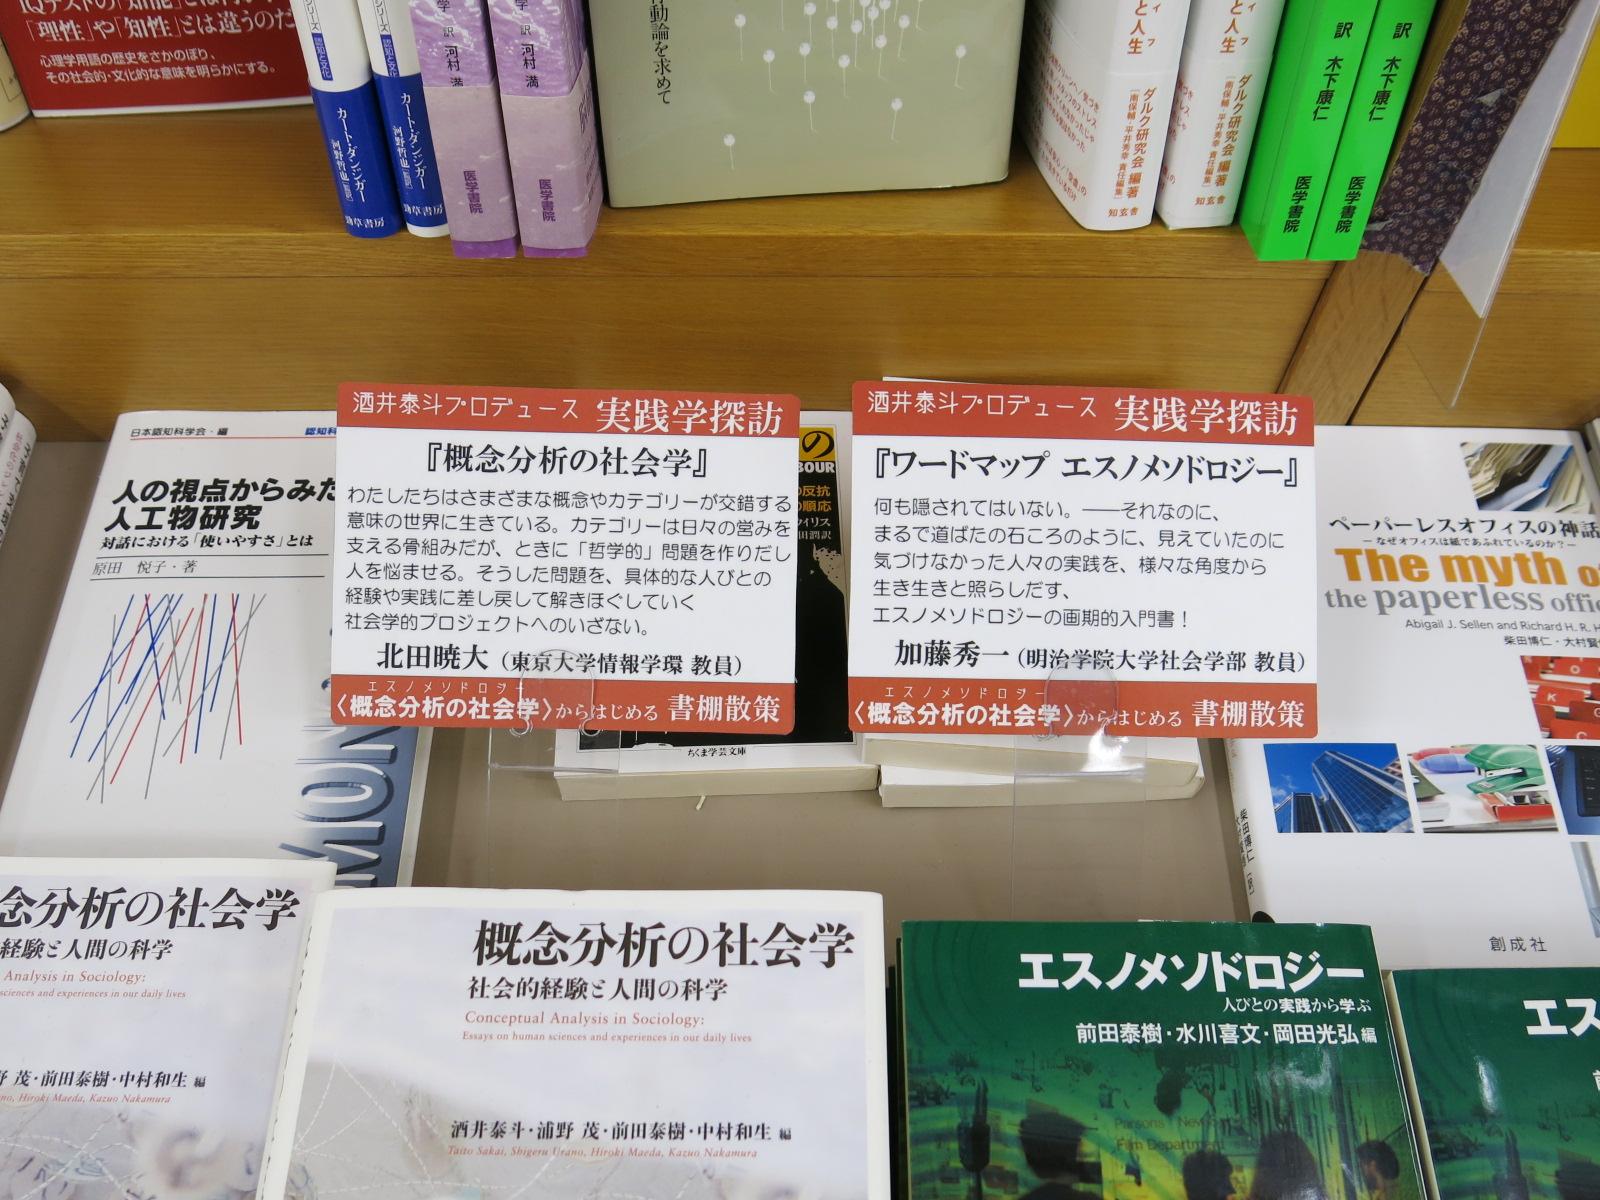 実践学探訪 紀伊國屋書店新宿本店様